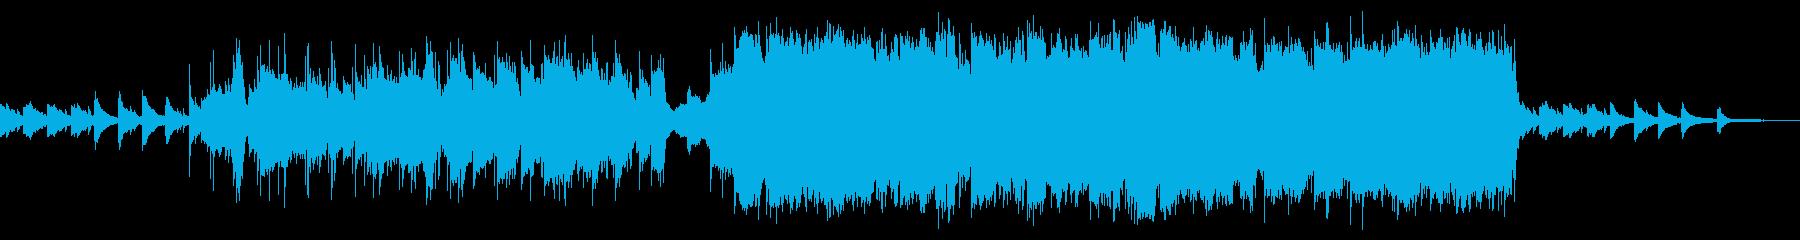 感動的なトランペットのスローバラードの再生済みの波形